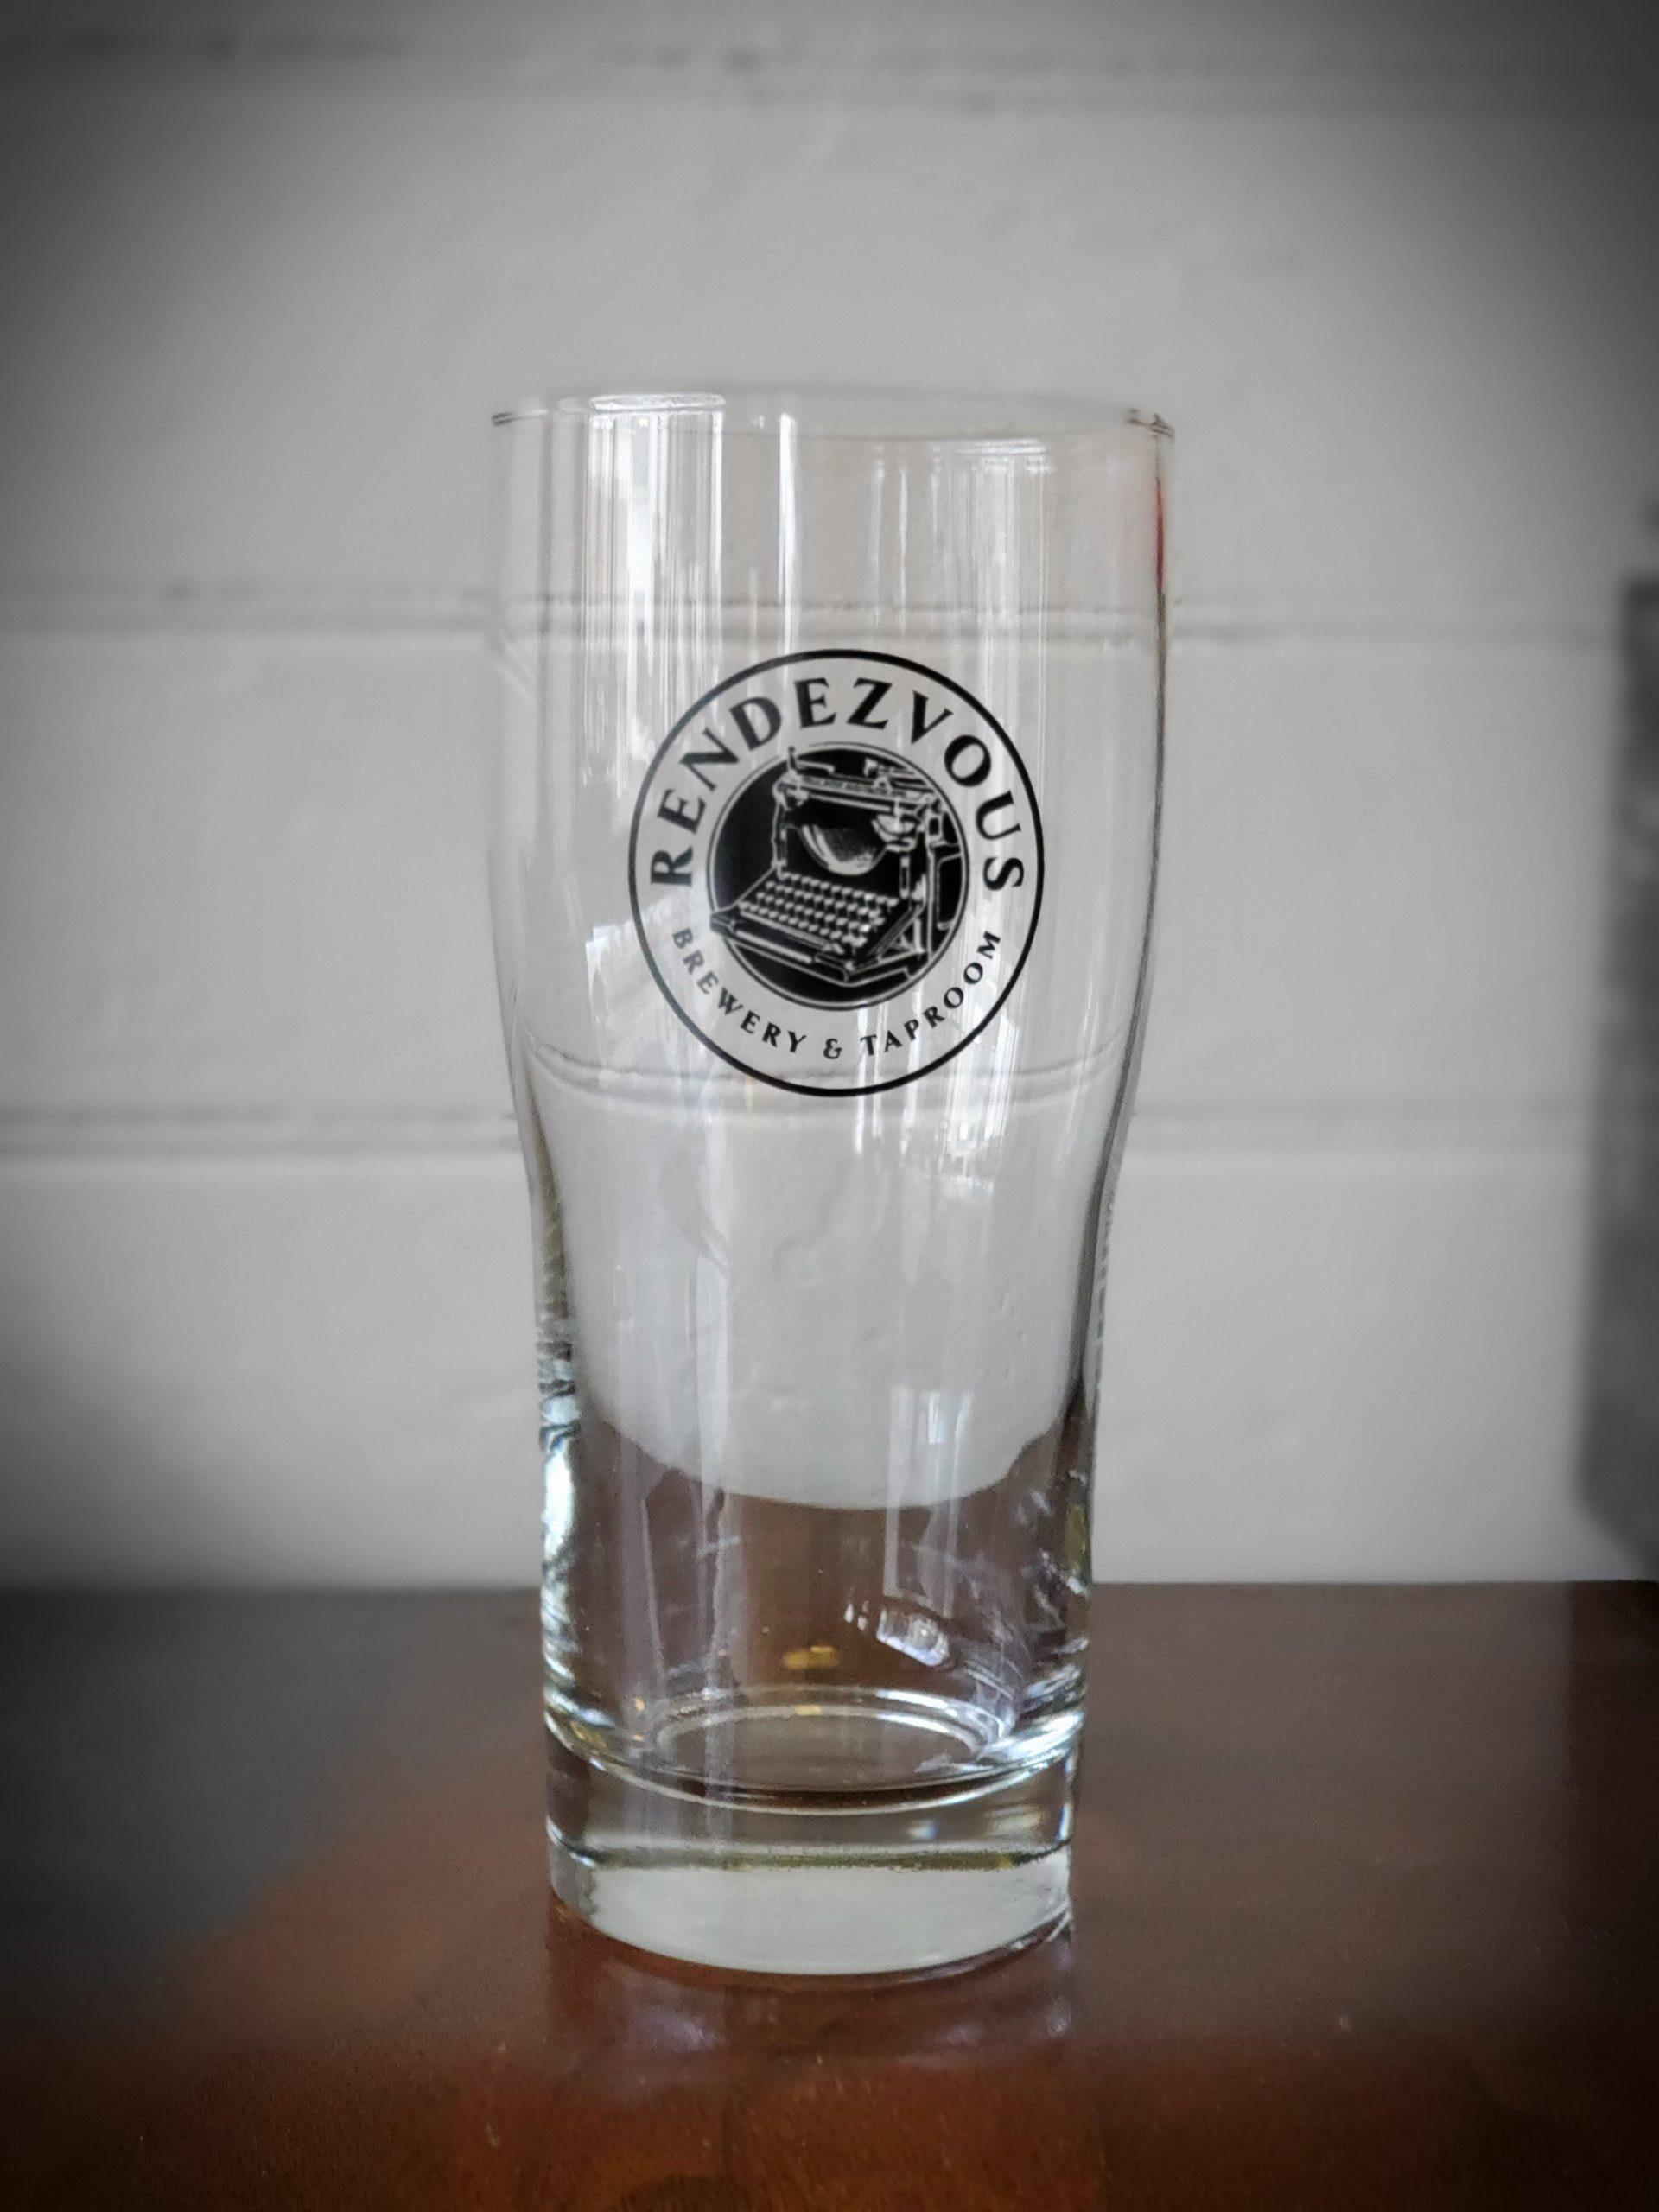 Rendezvous Glass